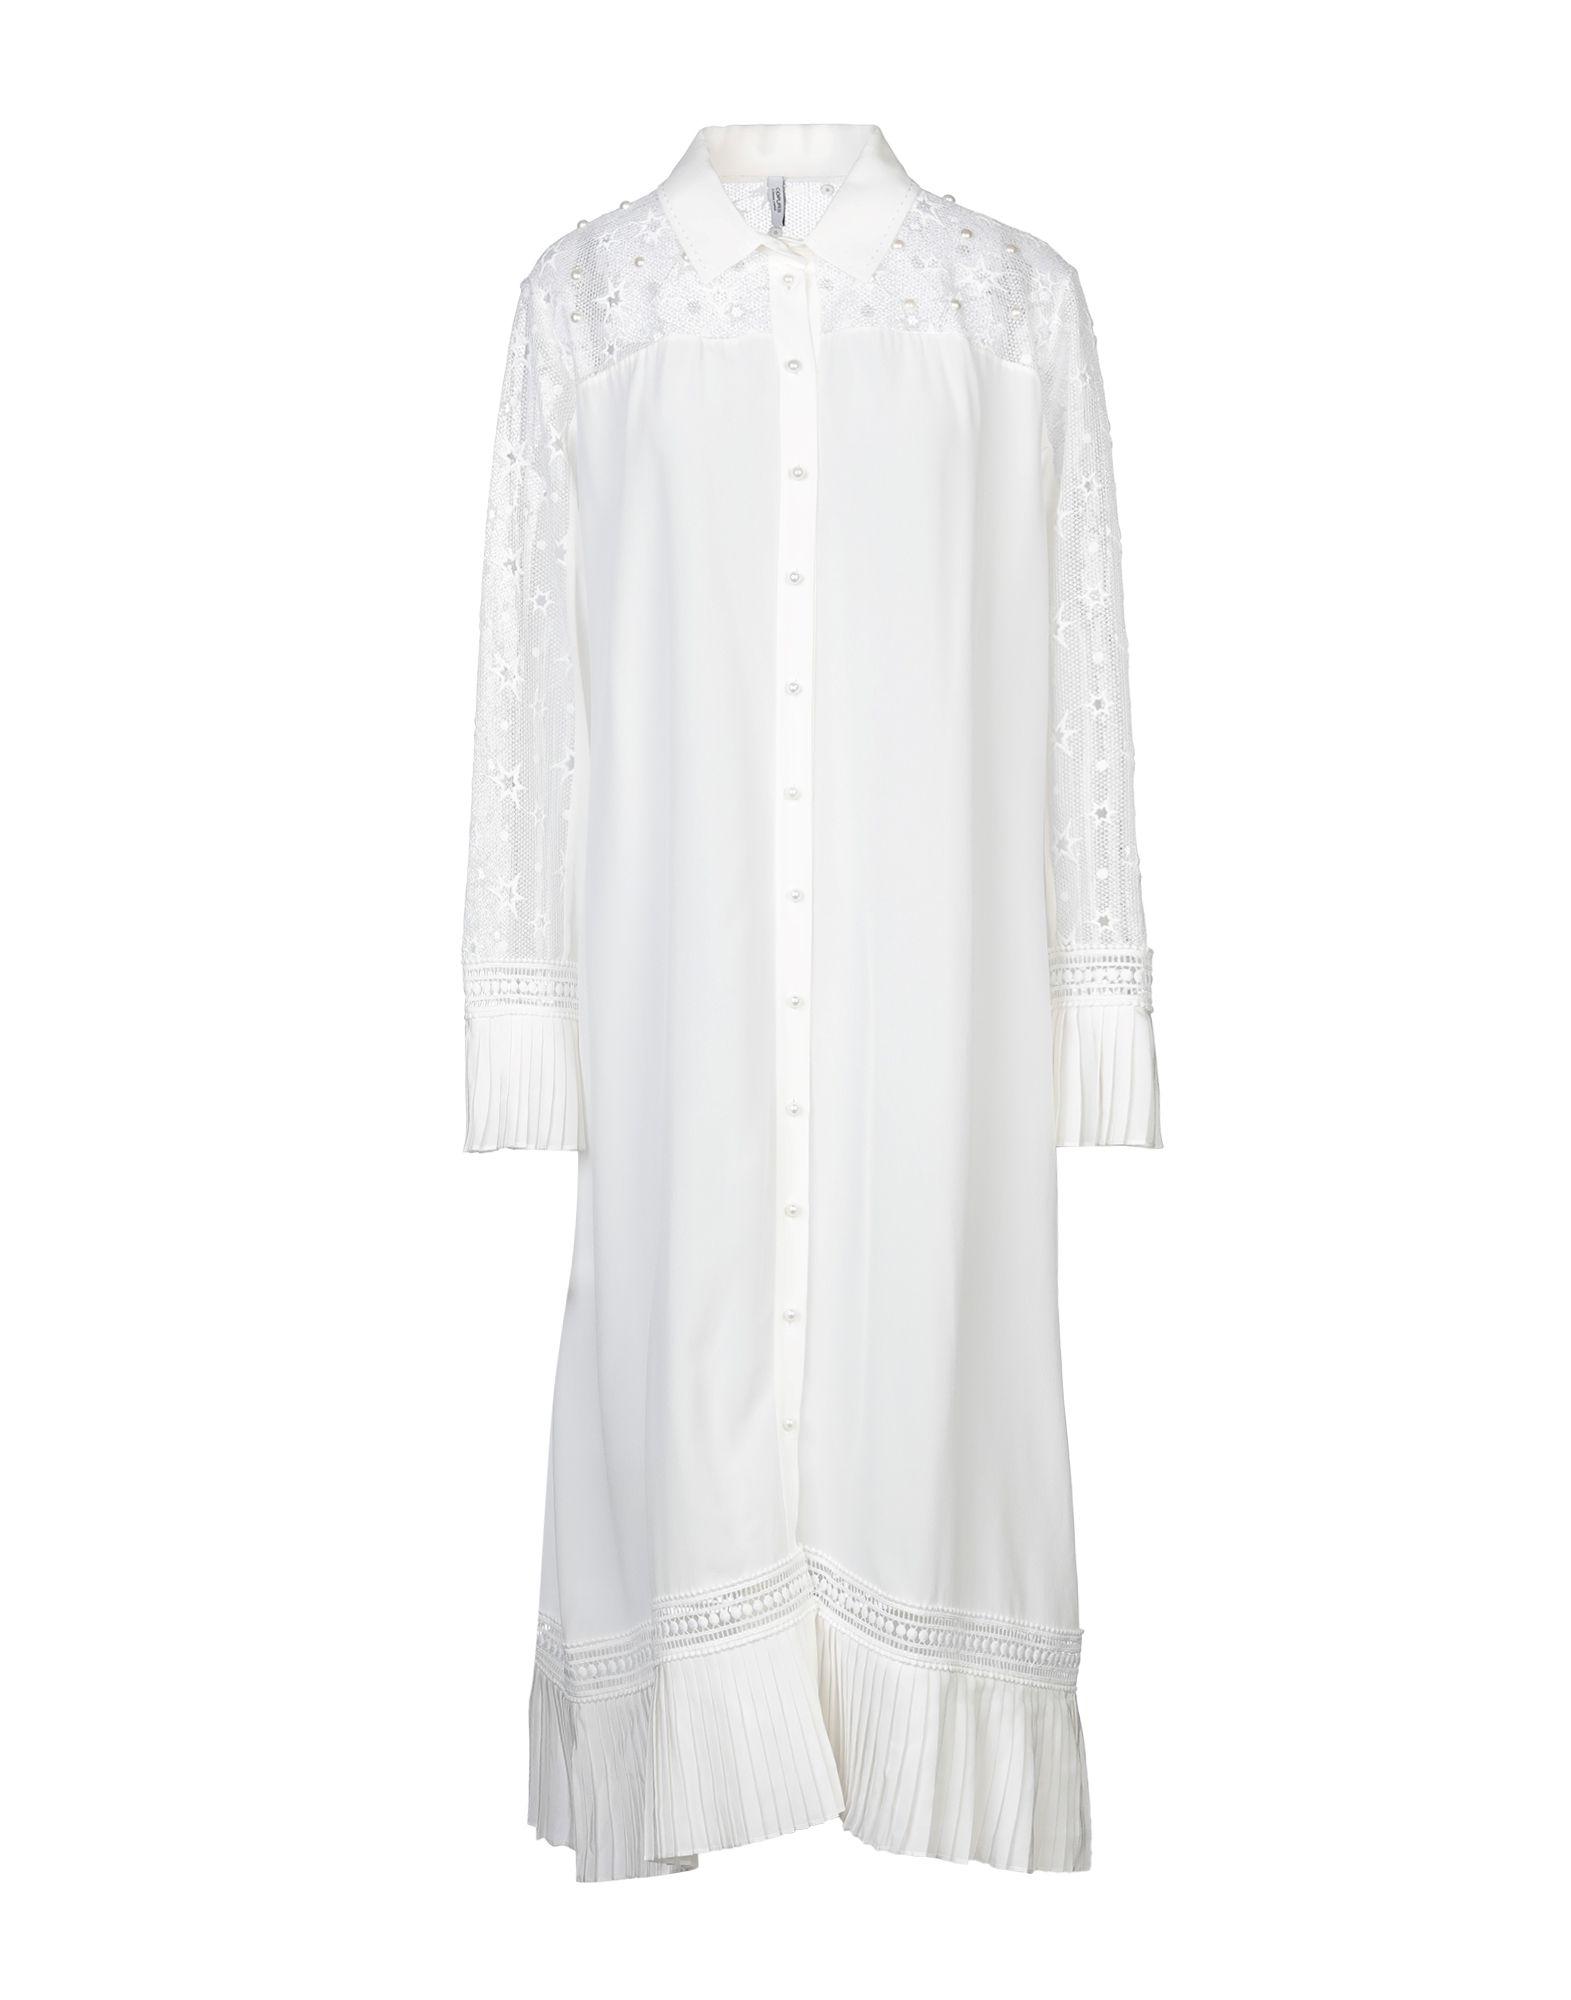 COPURS by DERYA COPUR Платье длиной 3/4